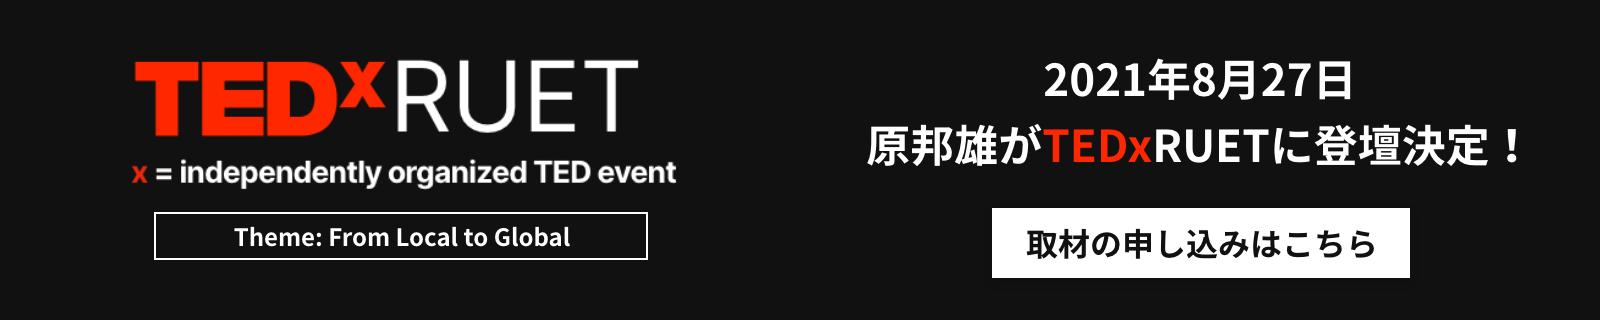 2021年8月27日 原邦雄がTEDxRUETに登壇決定!取材の申し込みはこちら